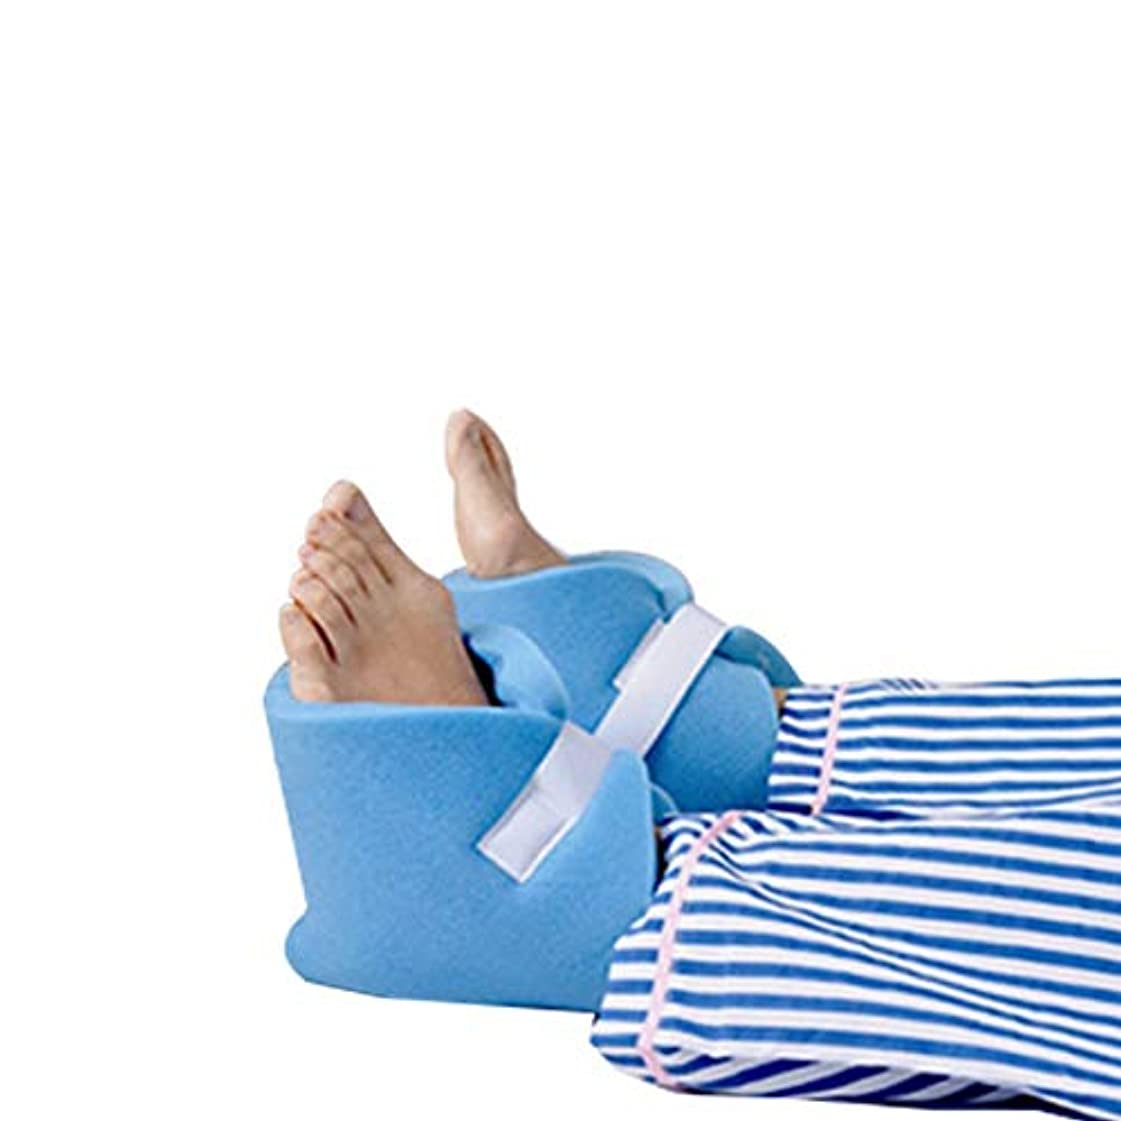 タイプ振る舞い送信する泡のかかと足首足の保護具クッションの褥瘡用レッグレストピロー、デラックスワンペア